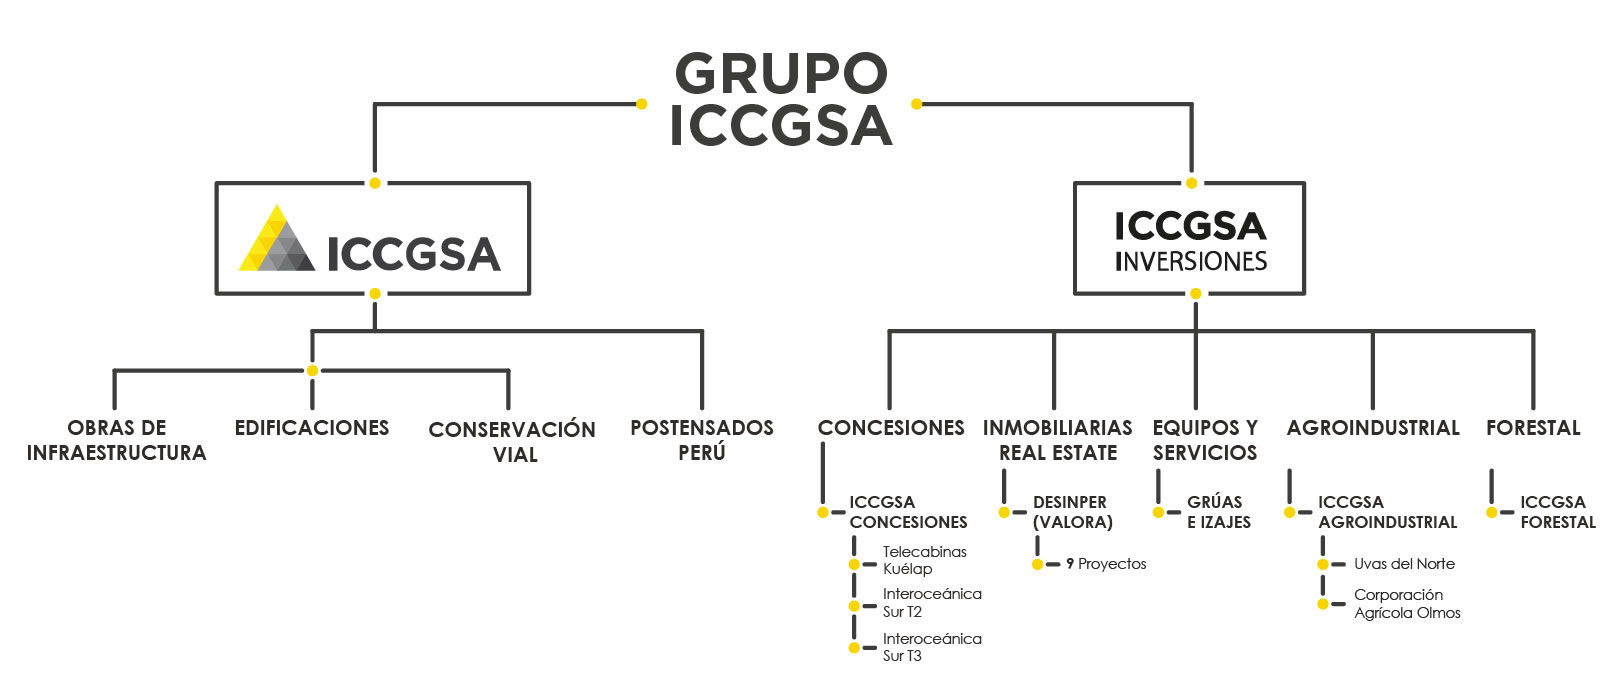 Grupo ICCGSA - Distribución de Empresas